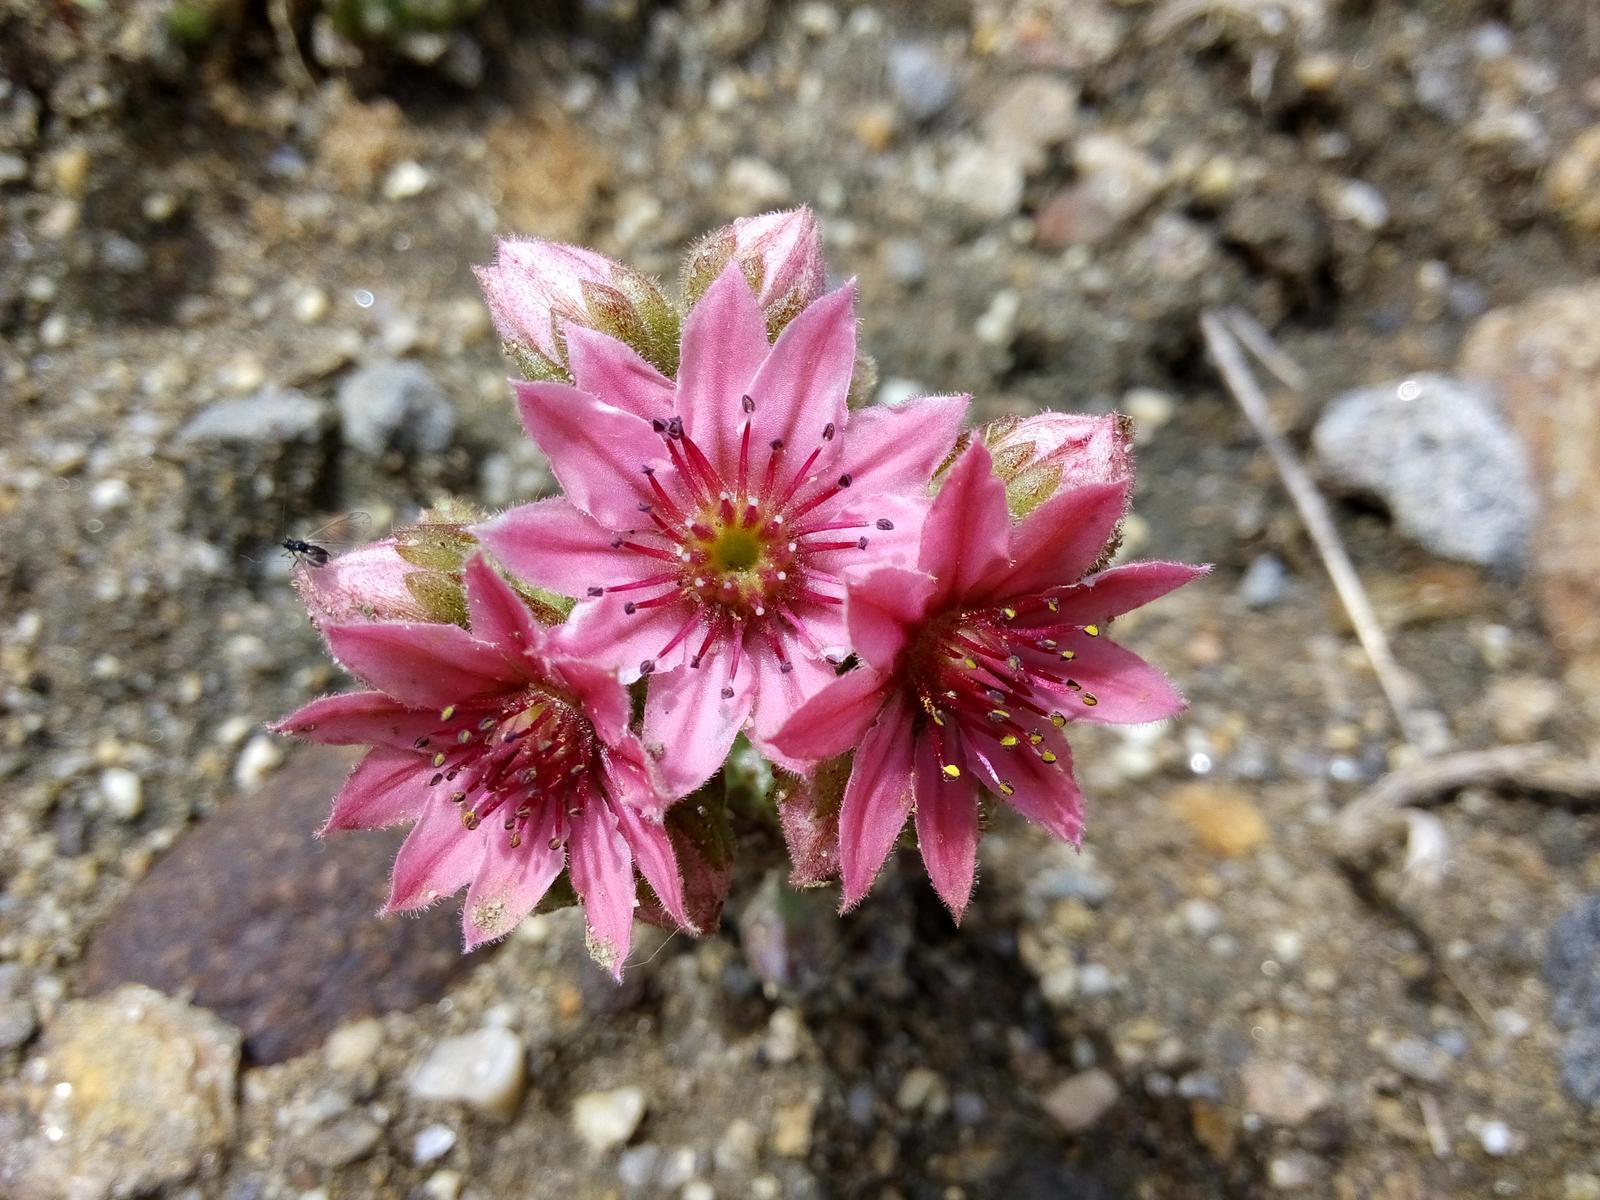 Moje skalničky a zahrádka - Květ netřesku